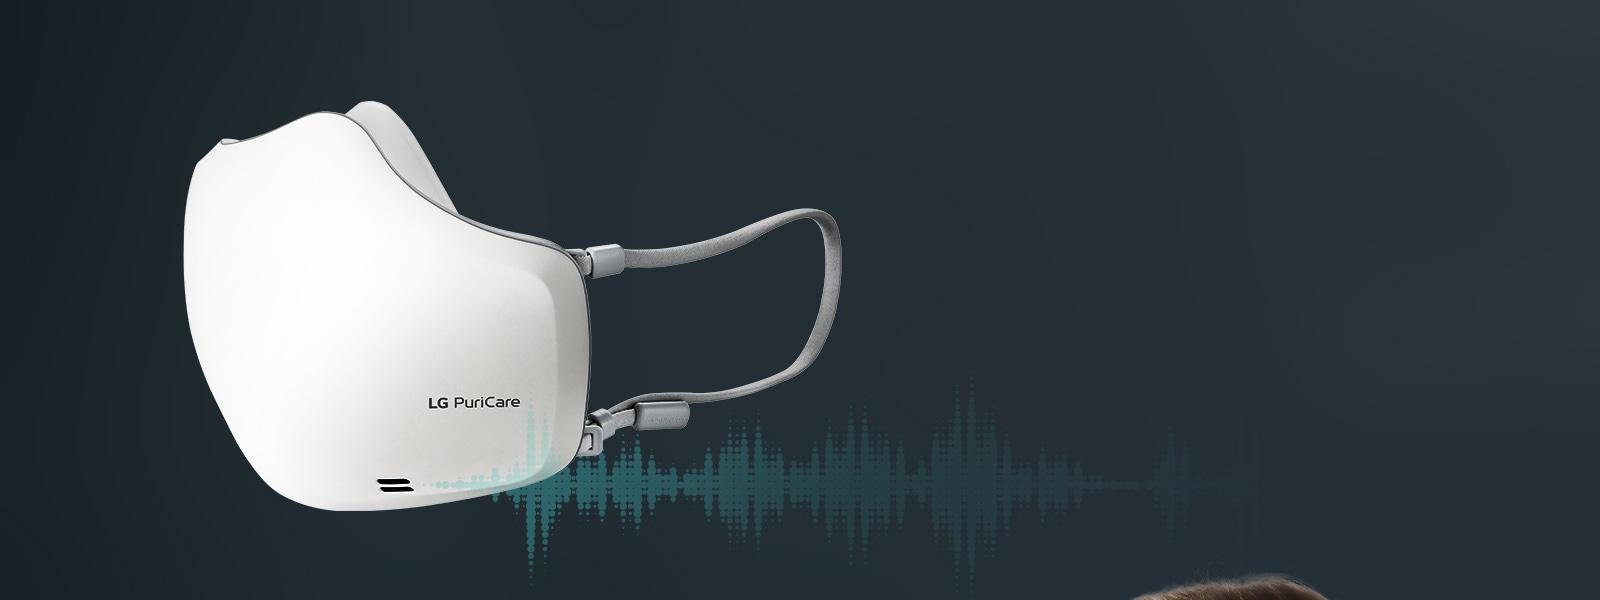 Desain pintar dengan VoiceON™ membuatnya mungkin untuk mendengarkan suara dengan jelas.